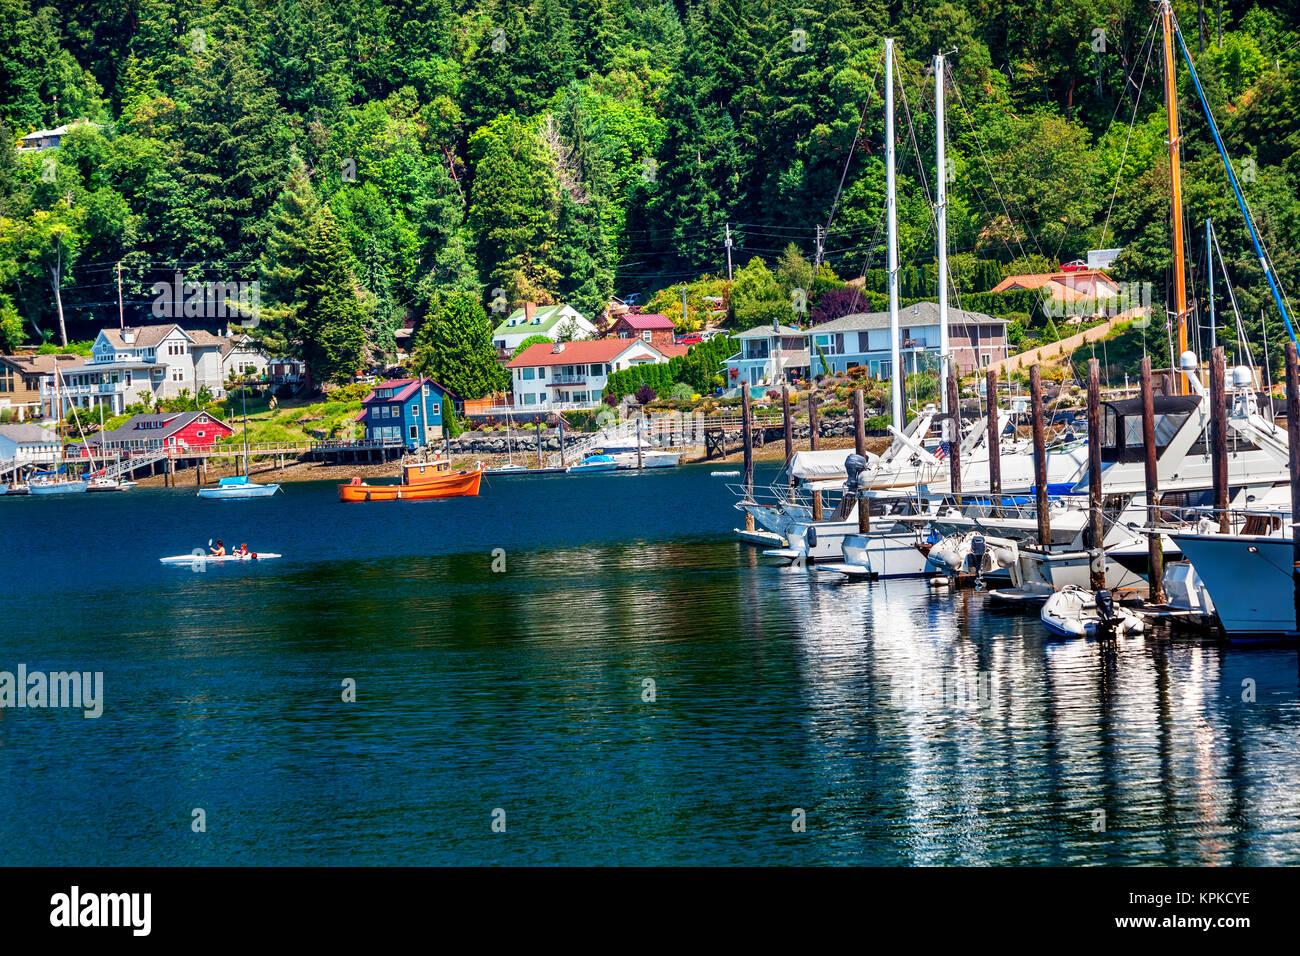 White Sailboats Marina Kayak Reflection, Gig Harbor, Pierce County, Washington State - Stock Image